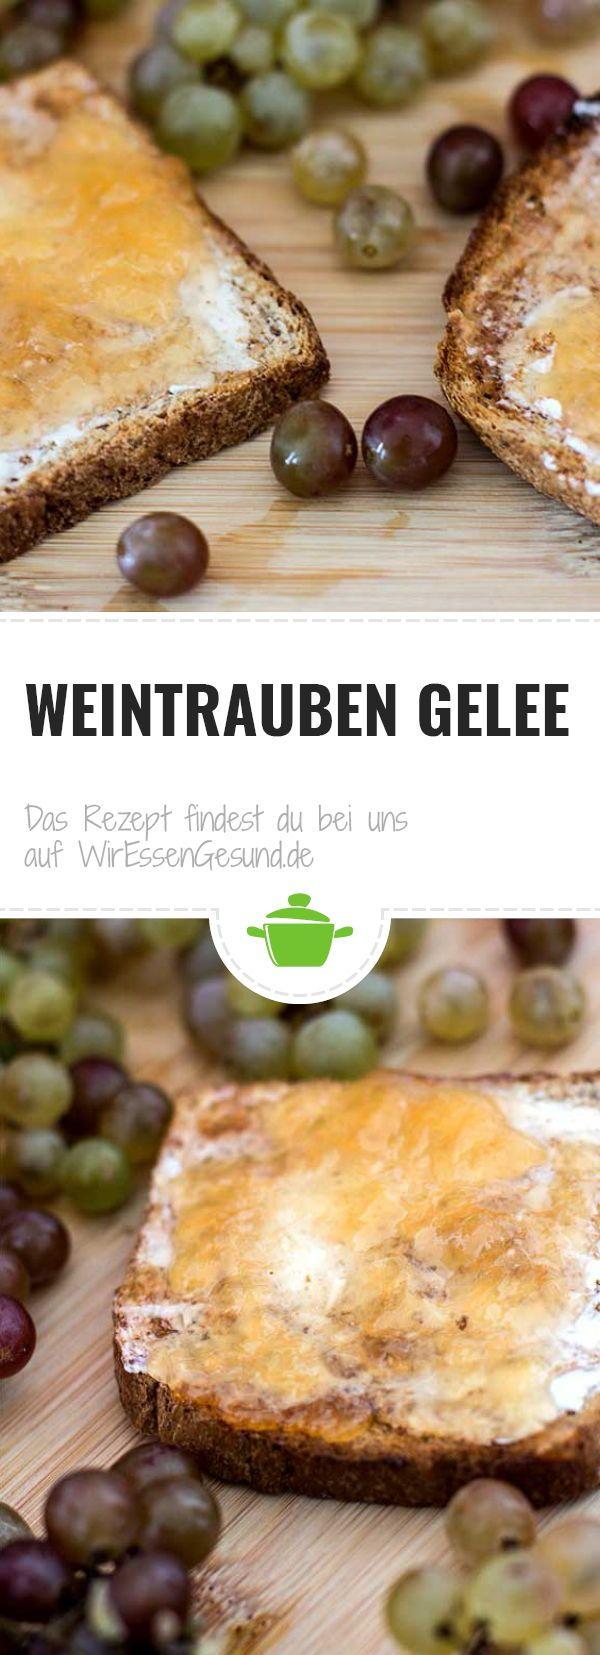 c0d8a2cec6f702393201ef391b858fd1 - Weintrauben Rezepte